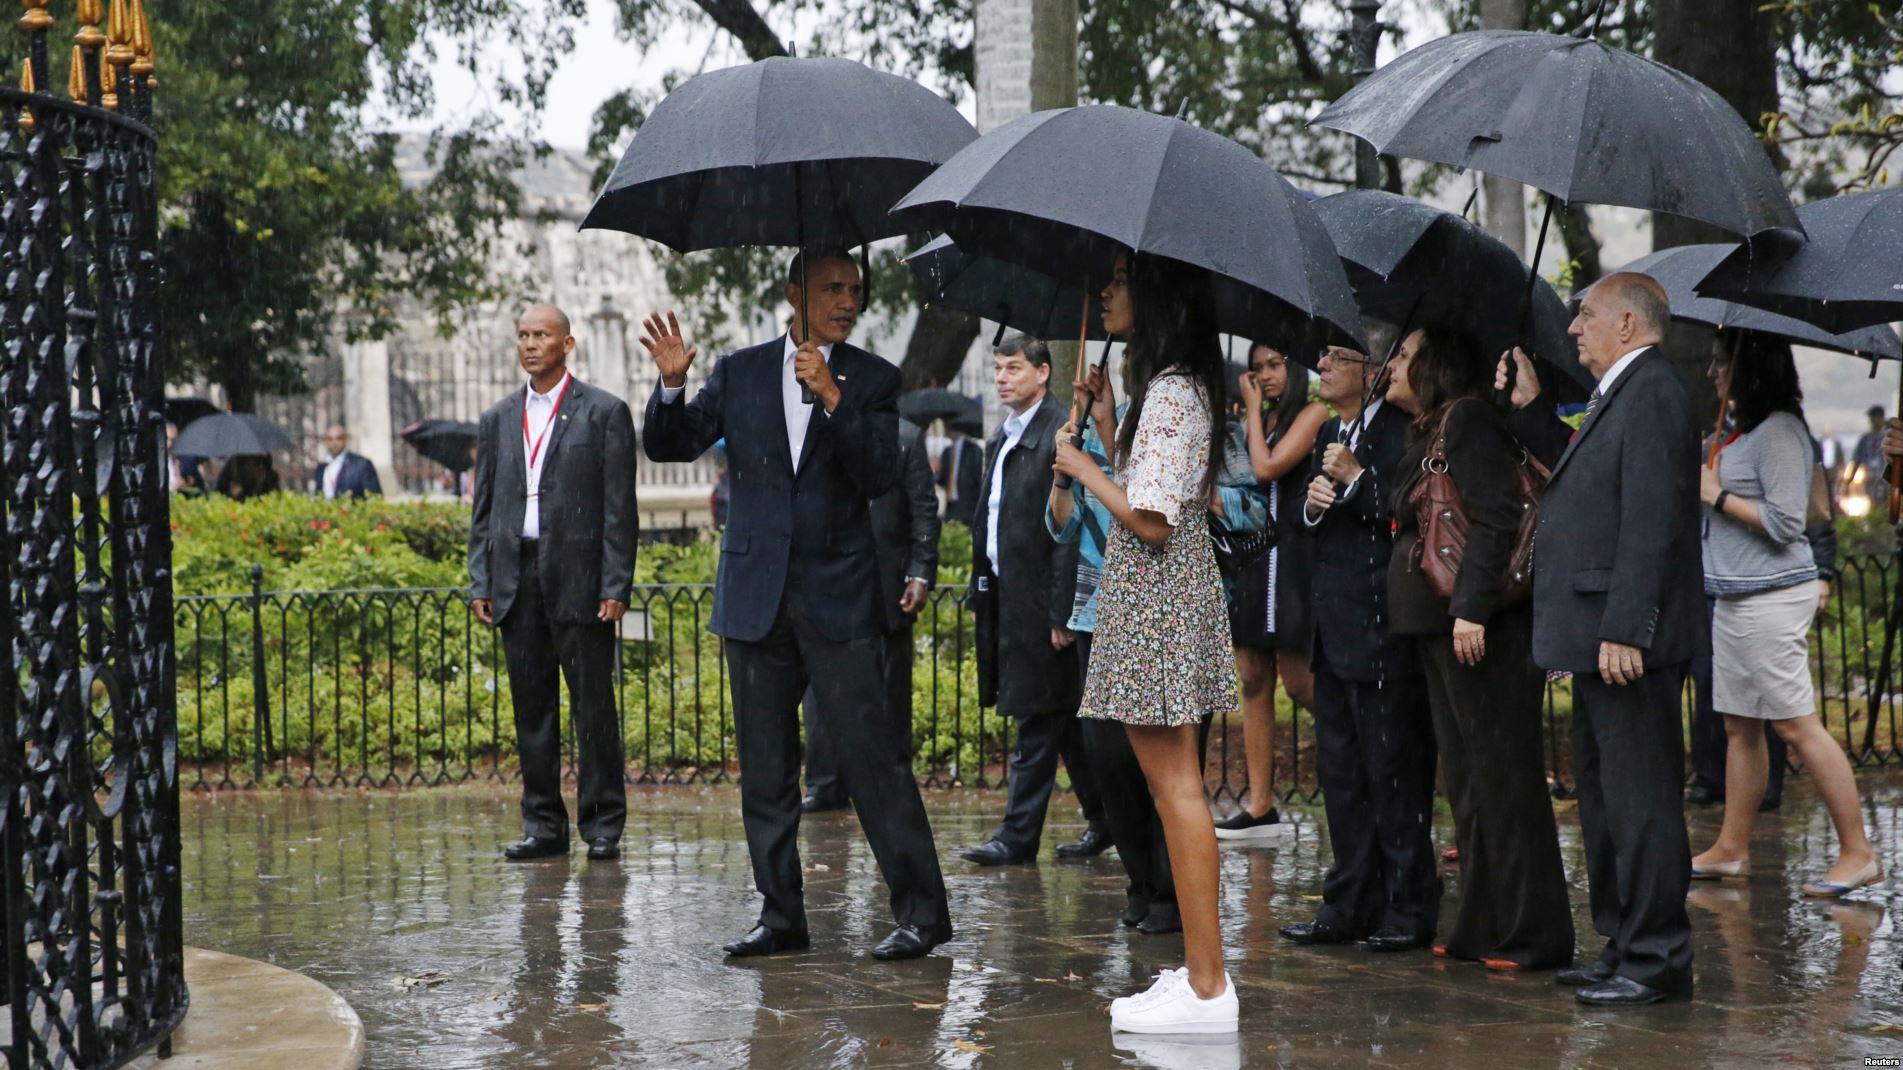 El presidente Obama da explicaciones a sus hijas Malia y Sasha en un recorrido por la Vieja Habana.